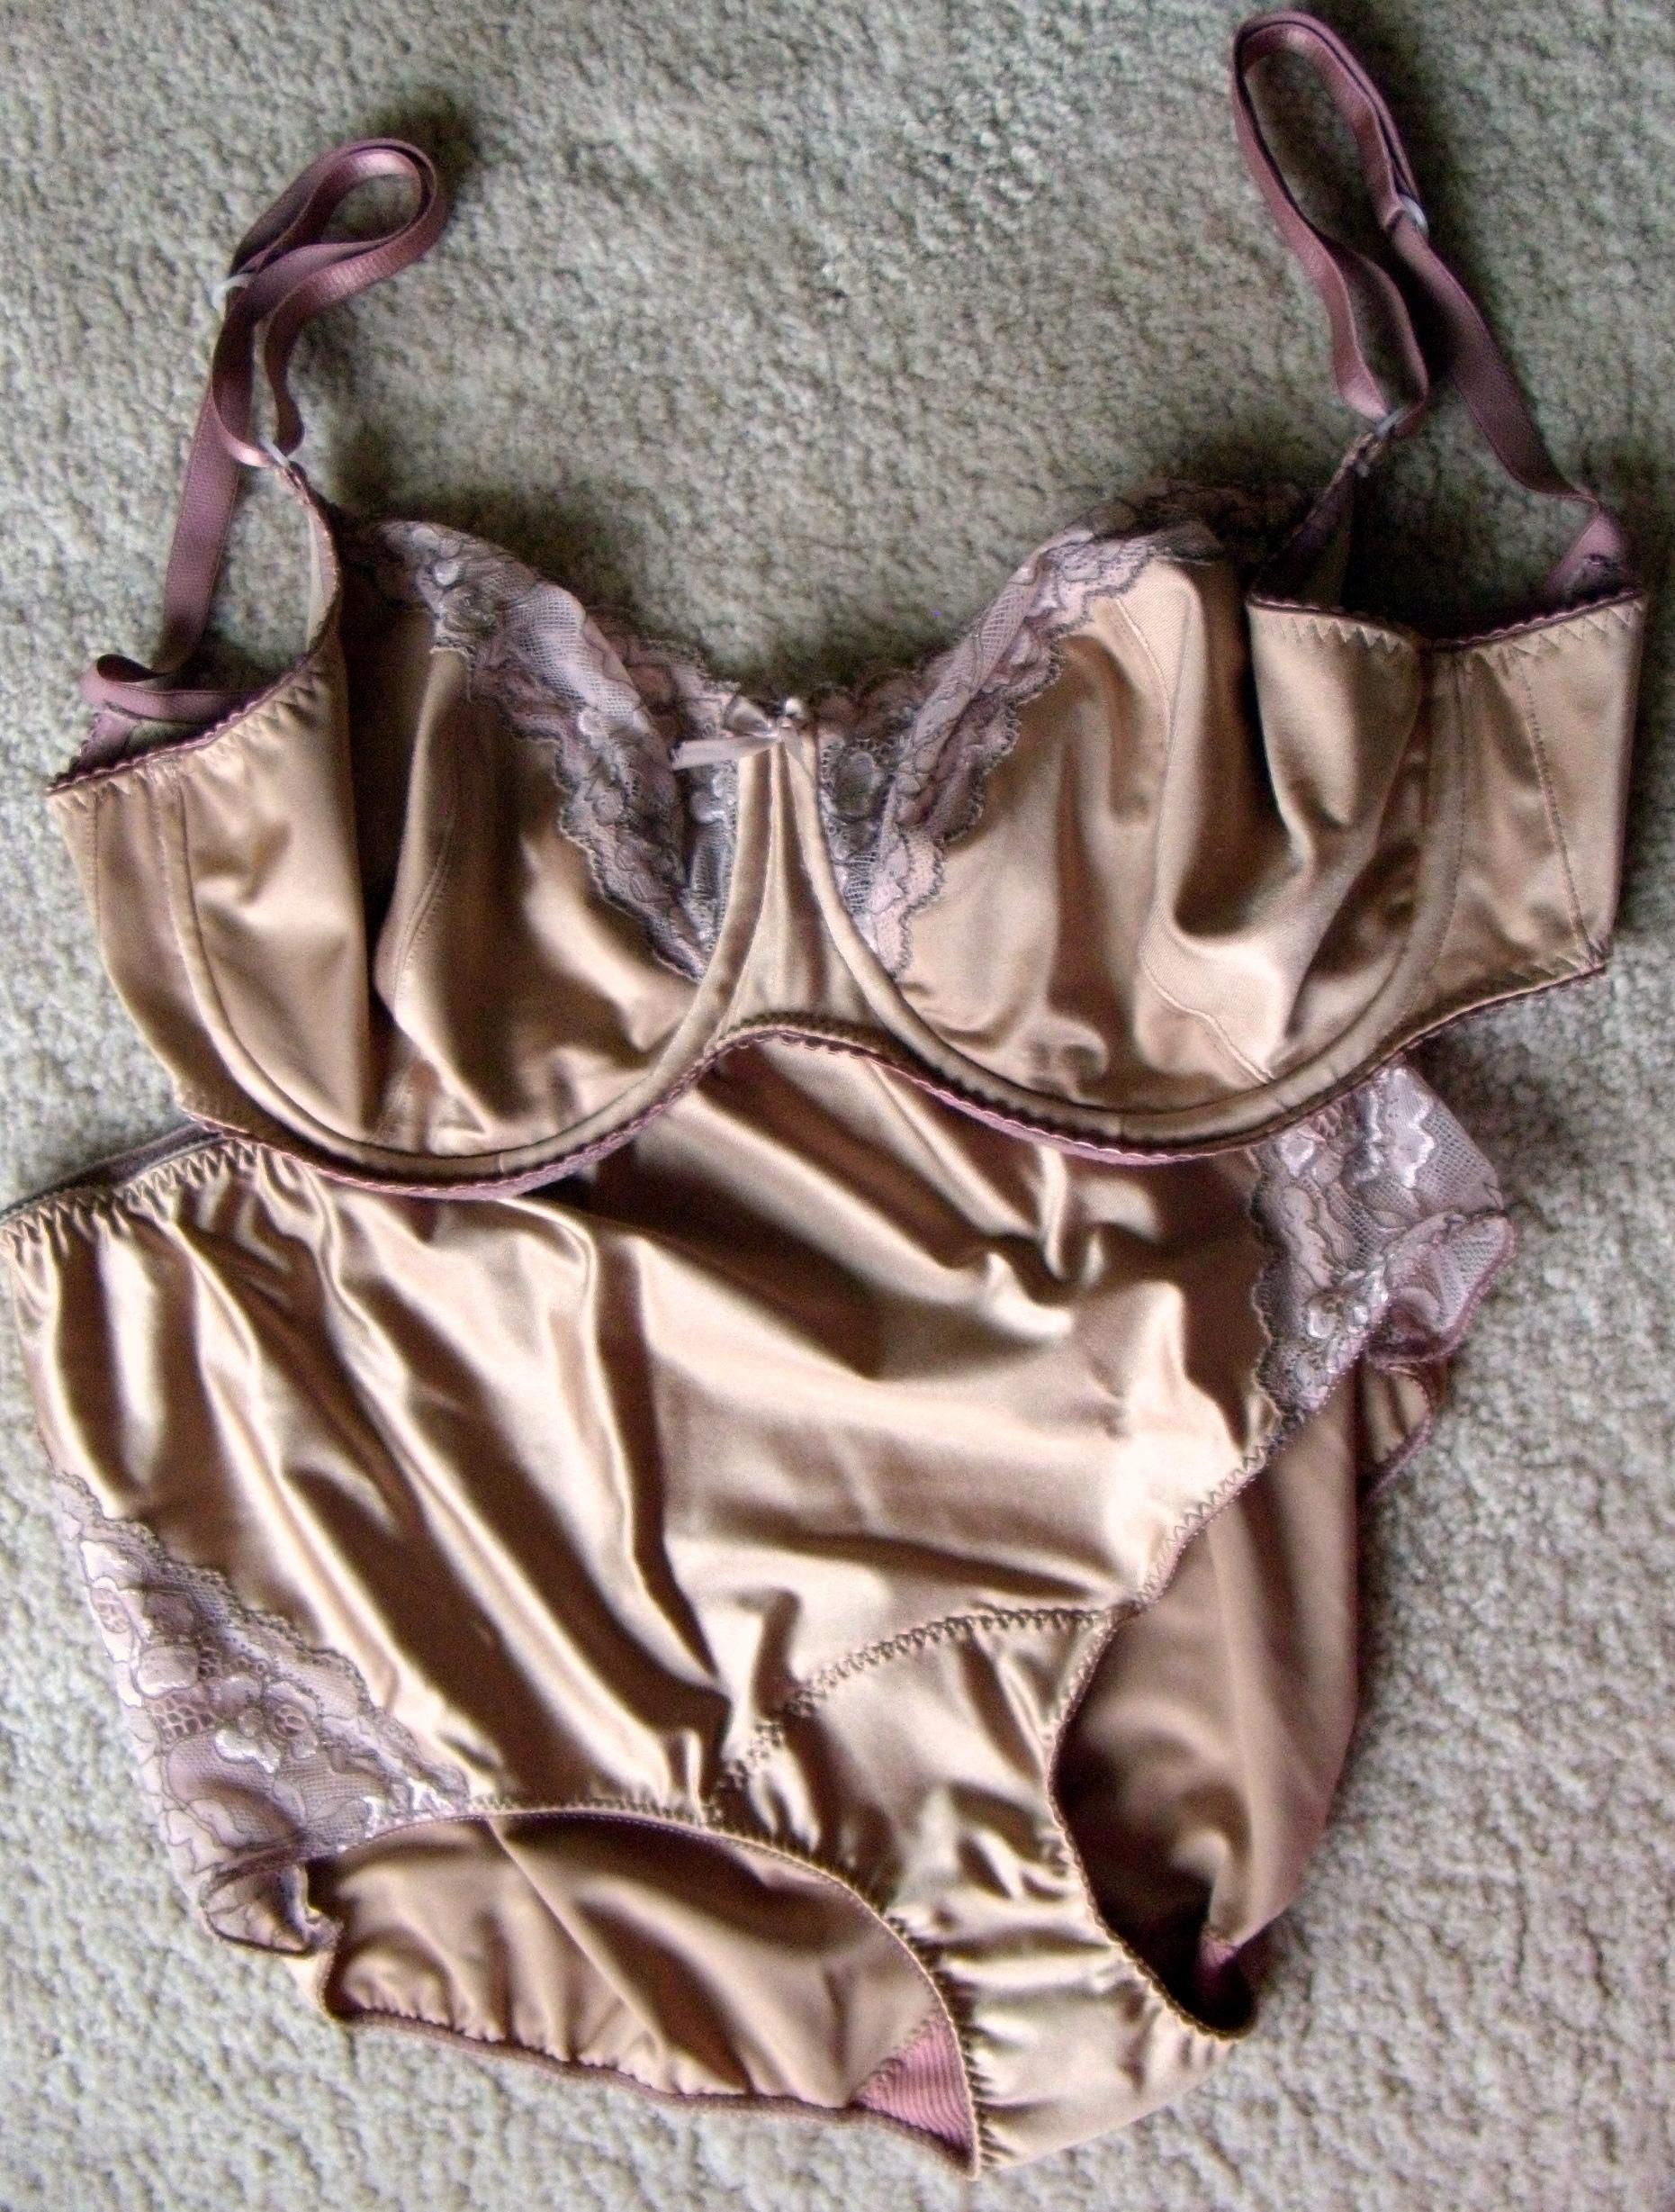 Bra/Panty Set